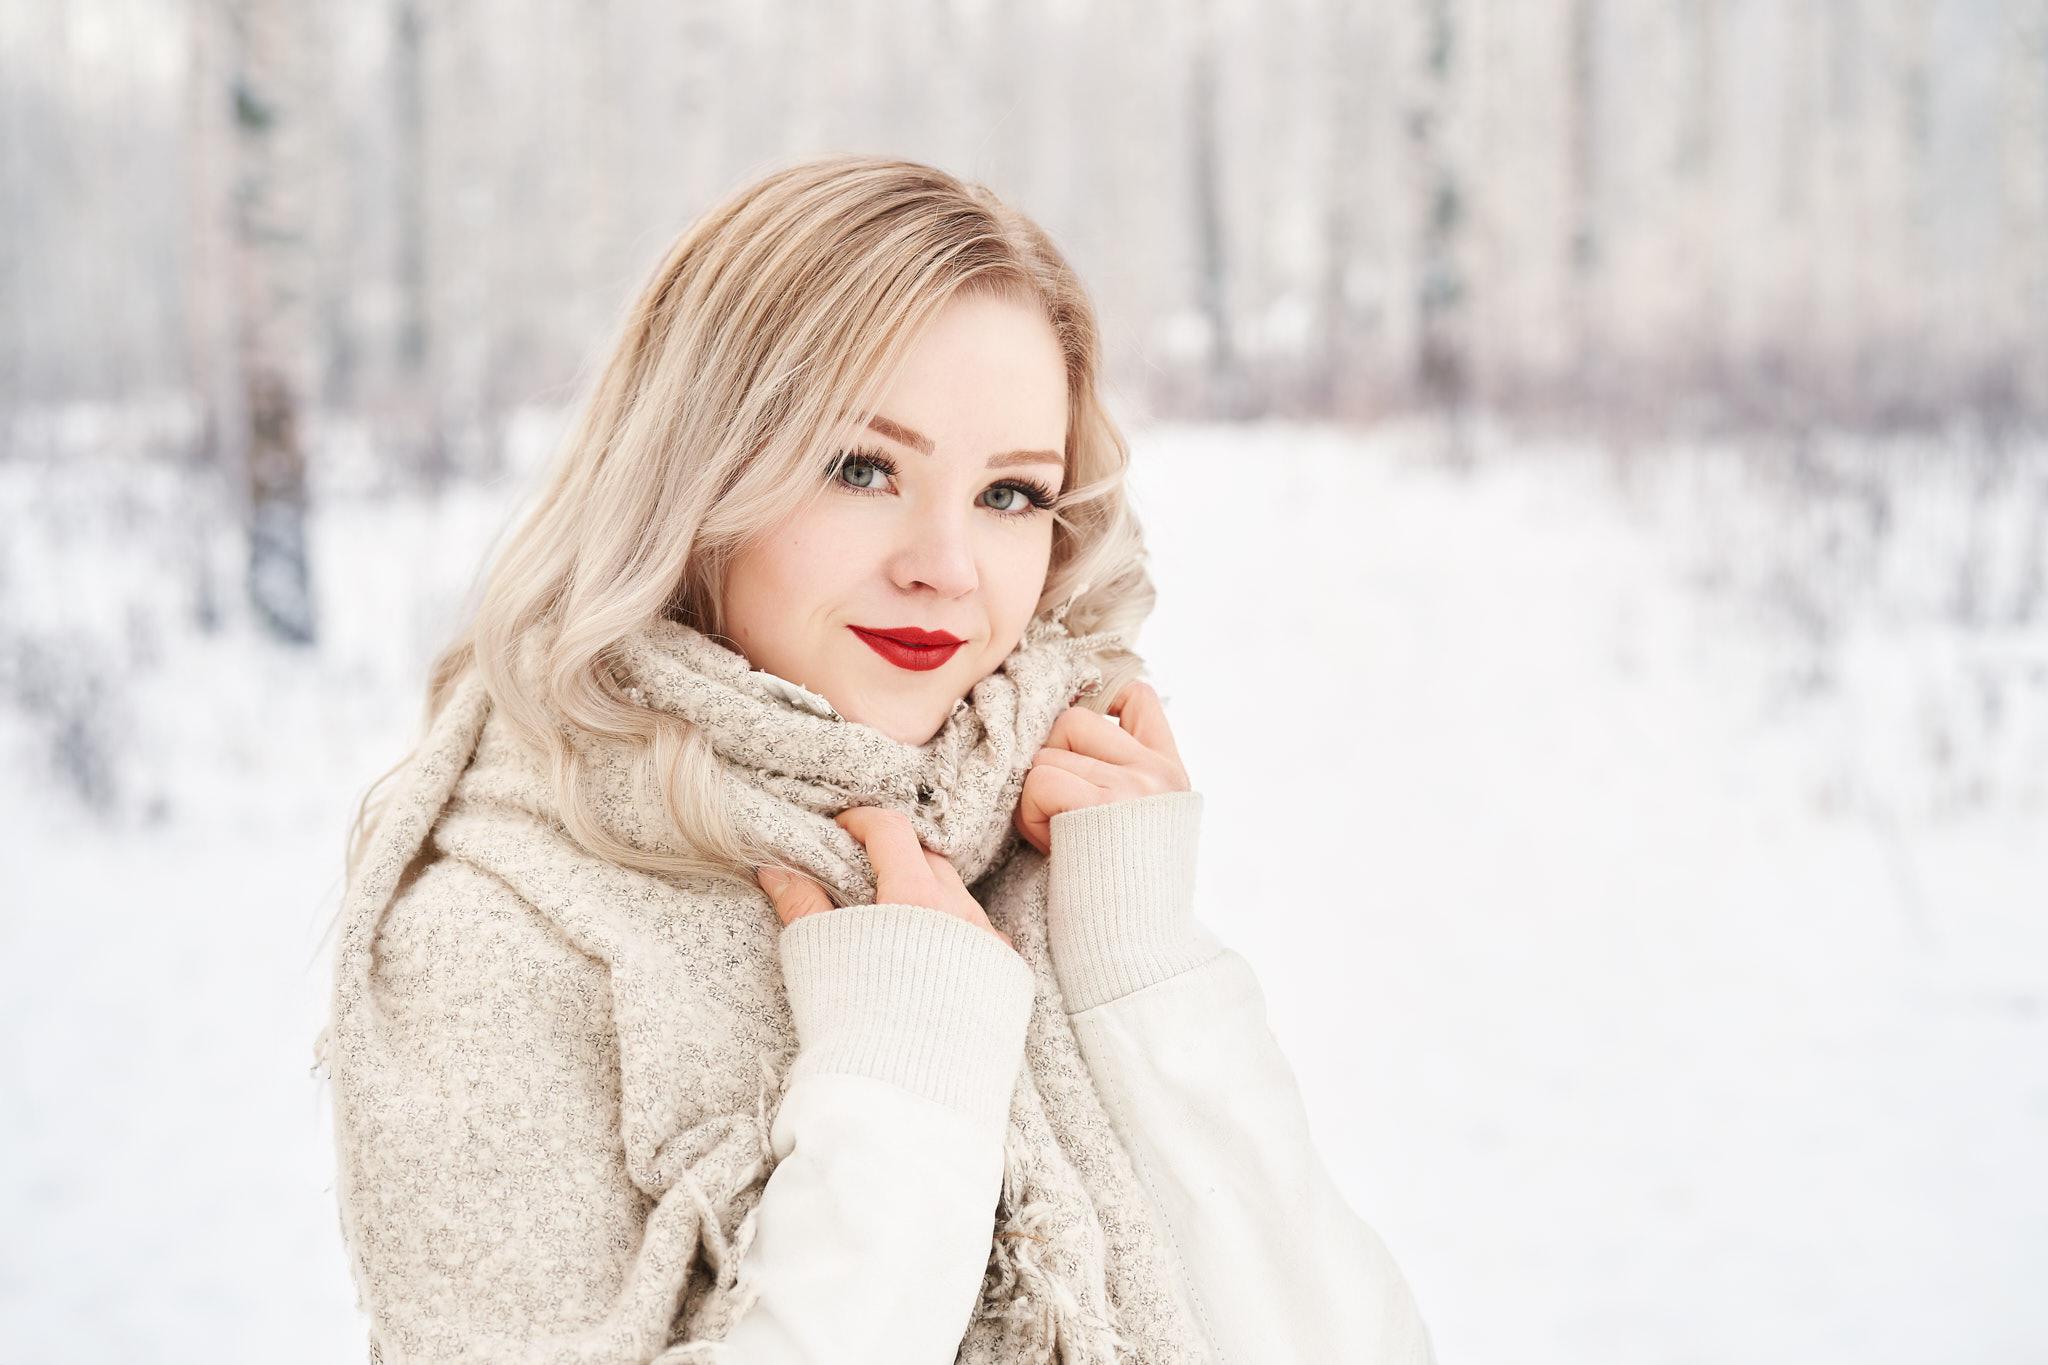 Nainen poseeraa talvisessa metsämaisemassa.